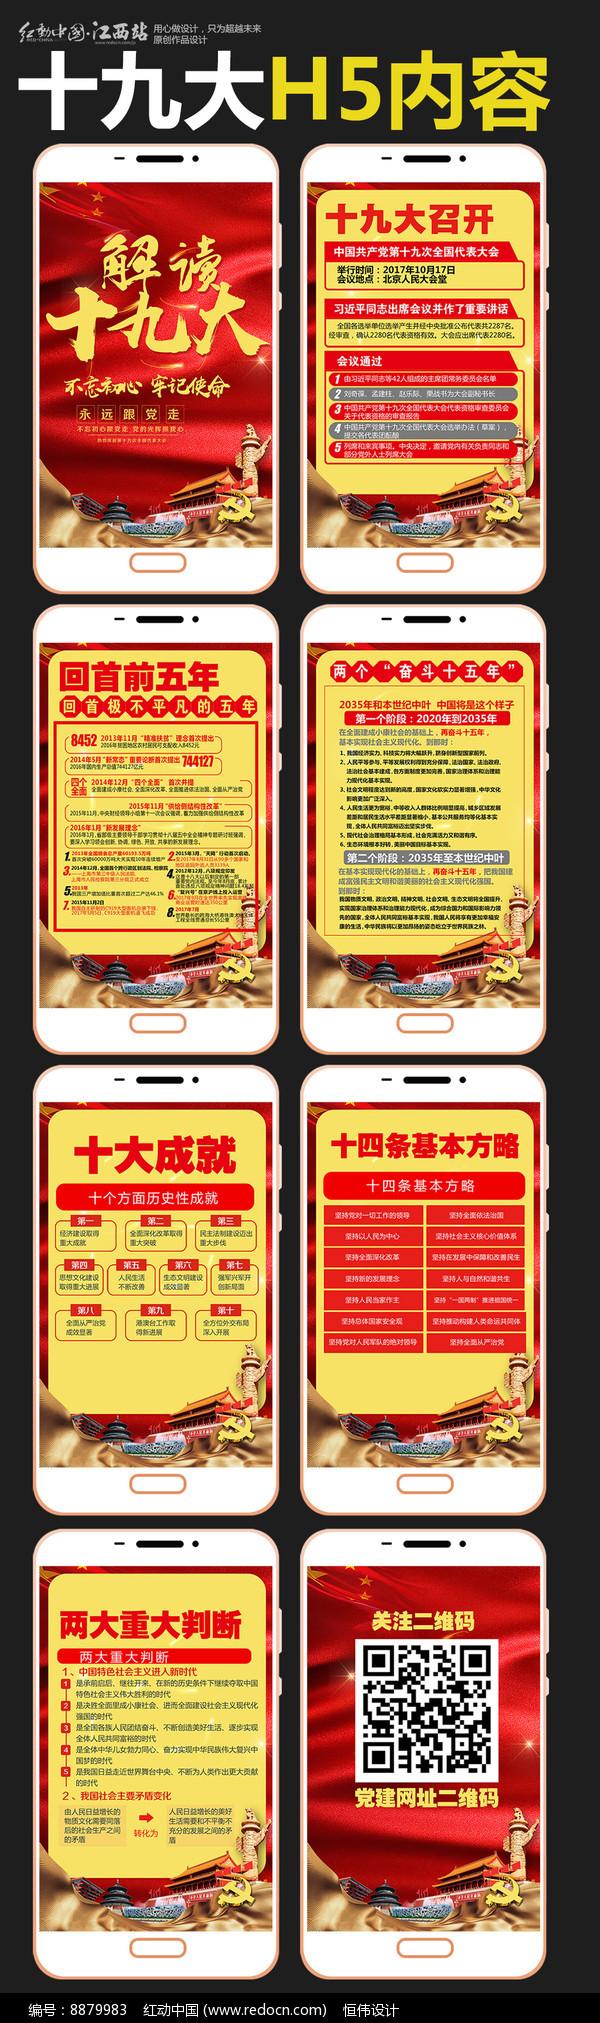 党的十九大H5宣传广告图片